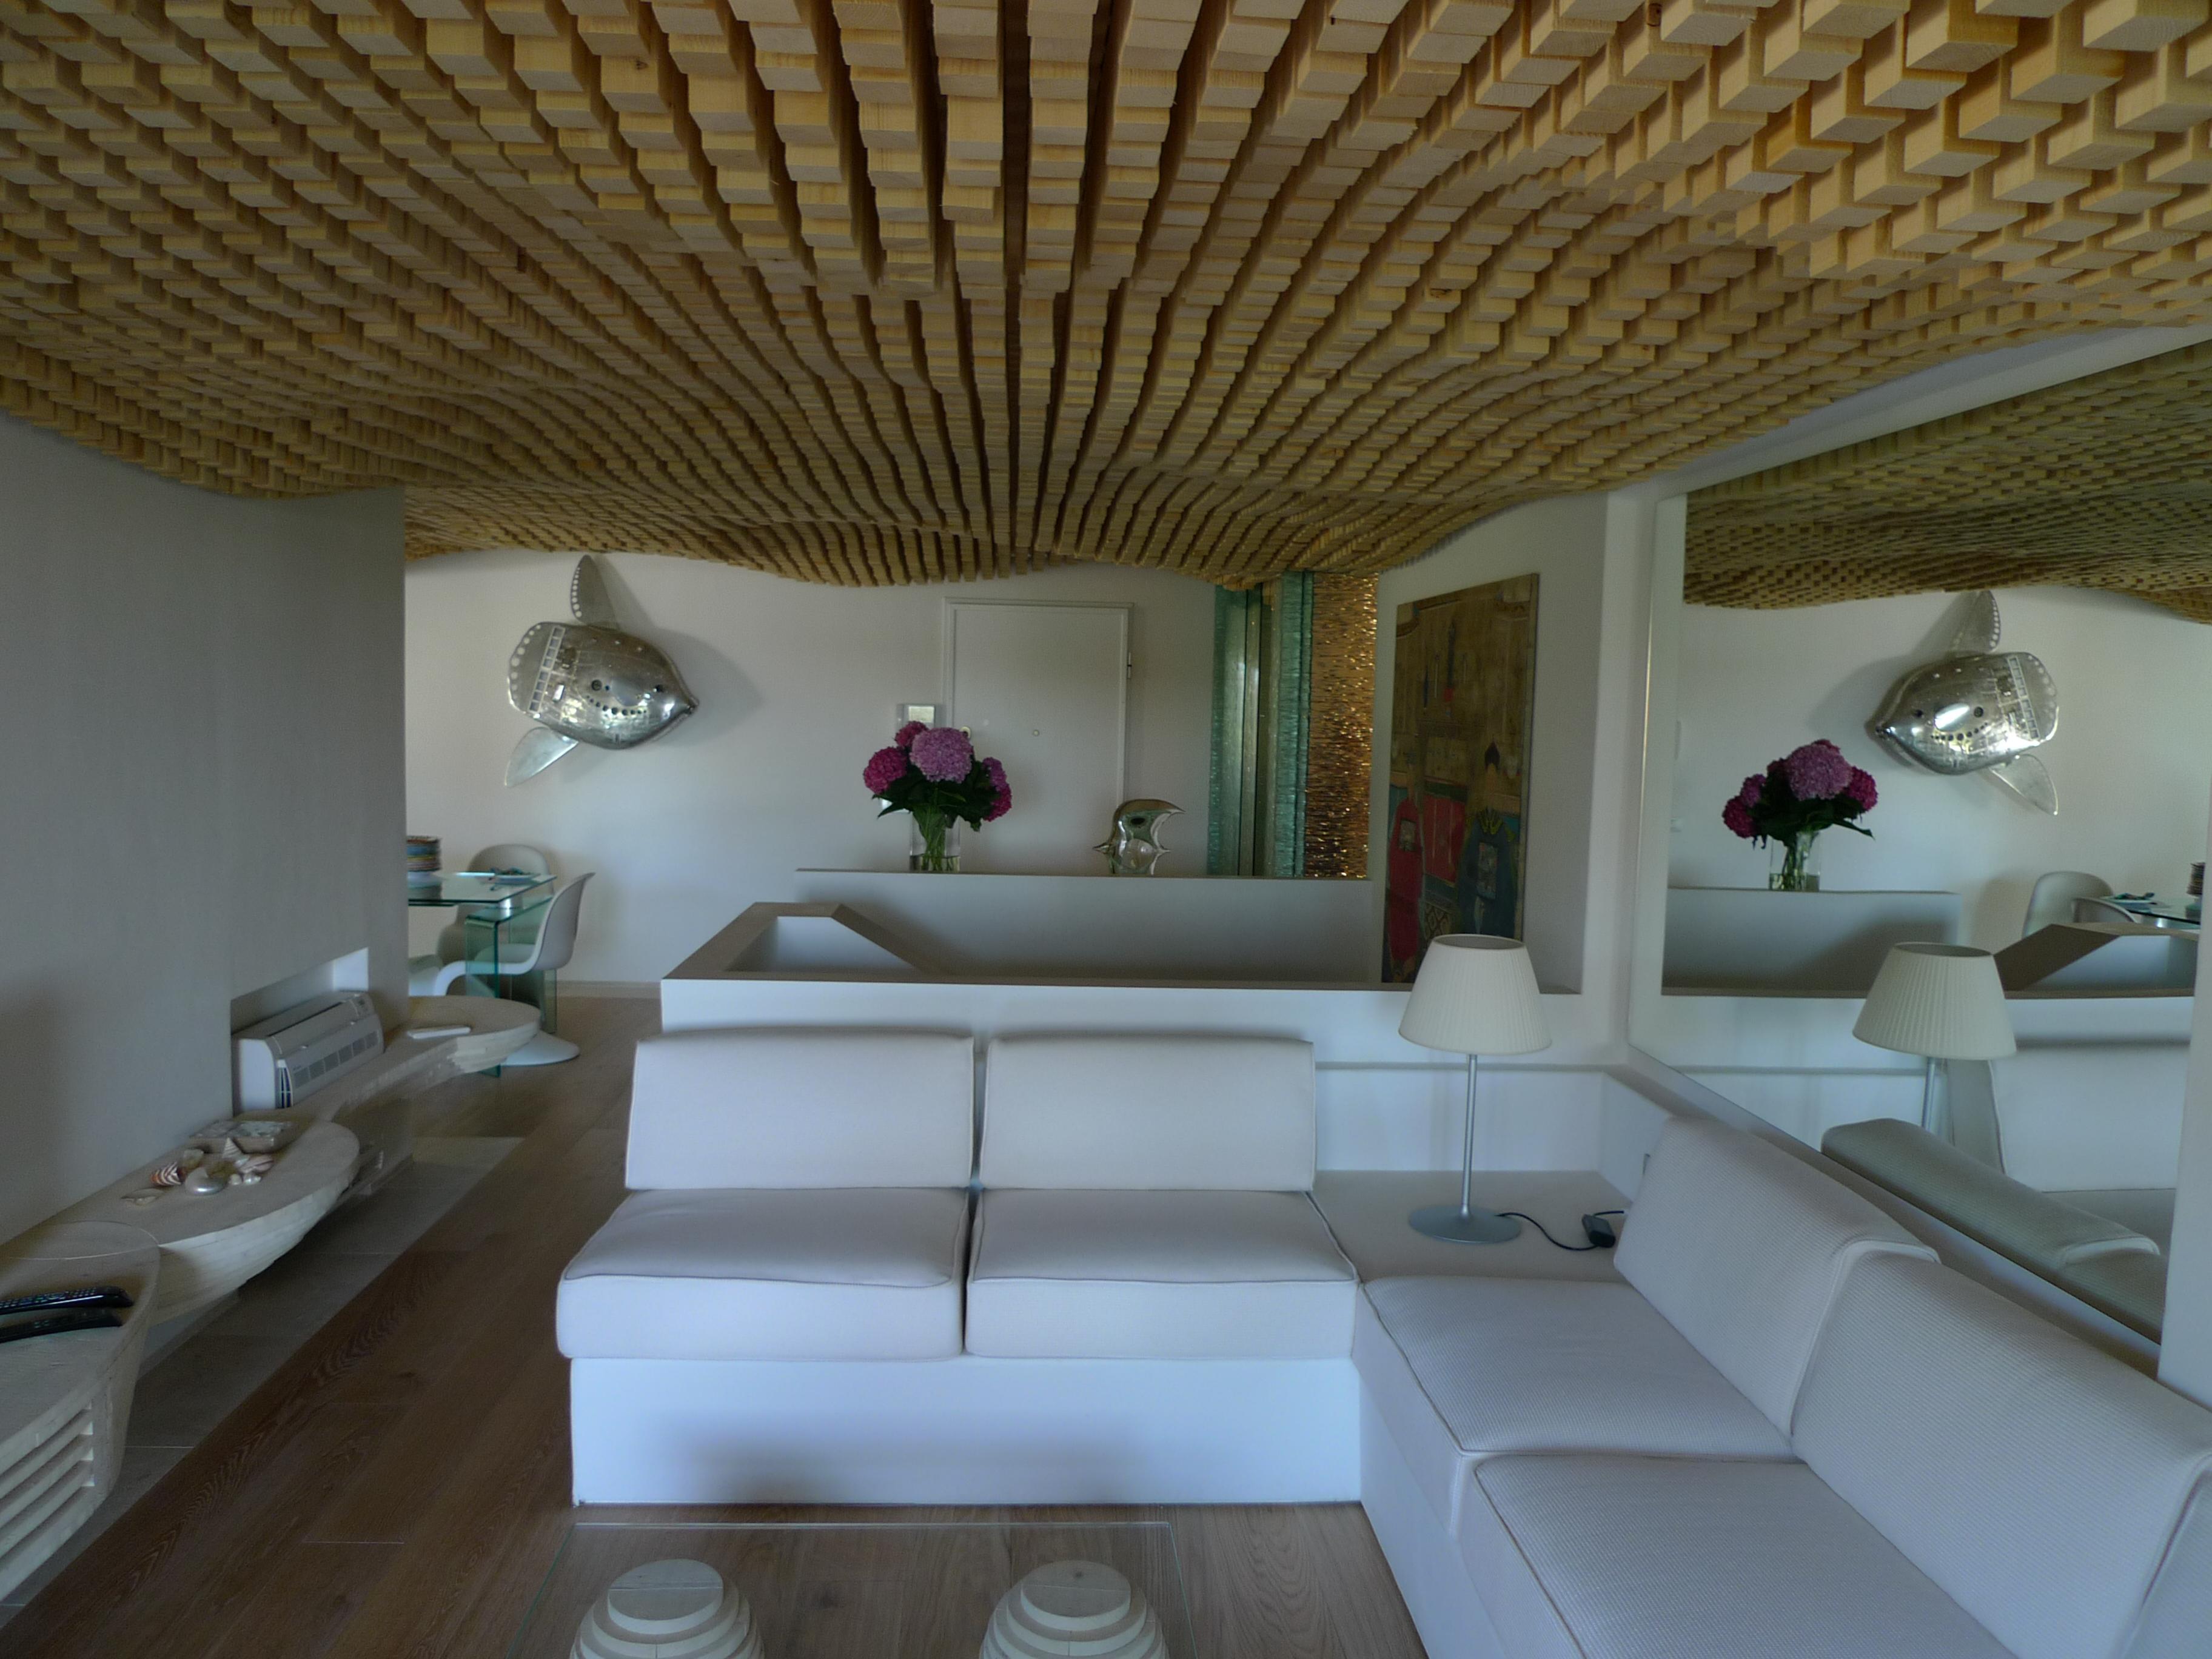 Villa sardegna design ambienti interni geo arreda for Interni ville